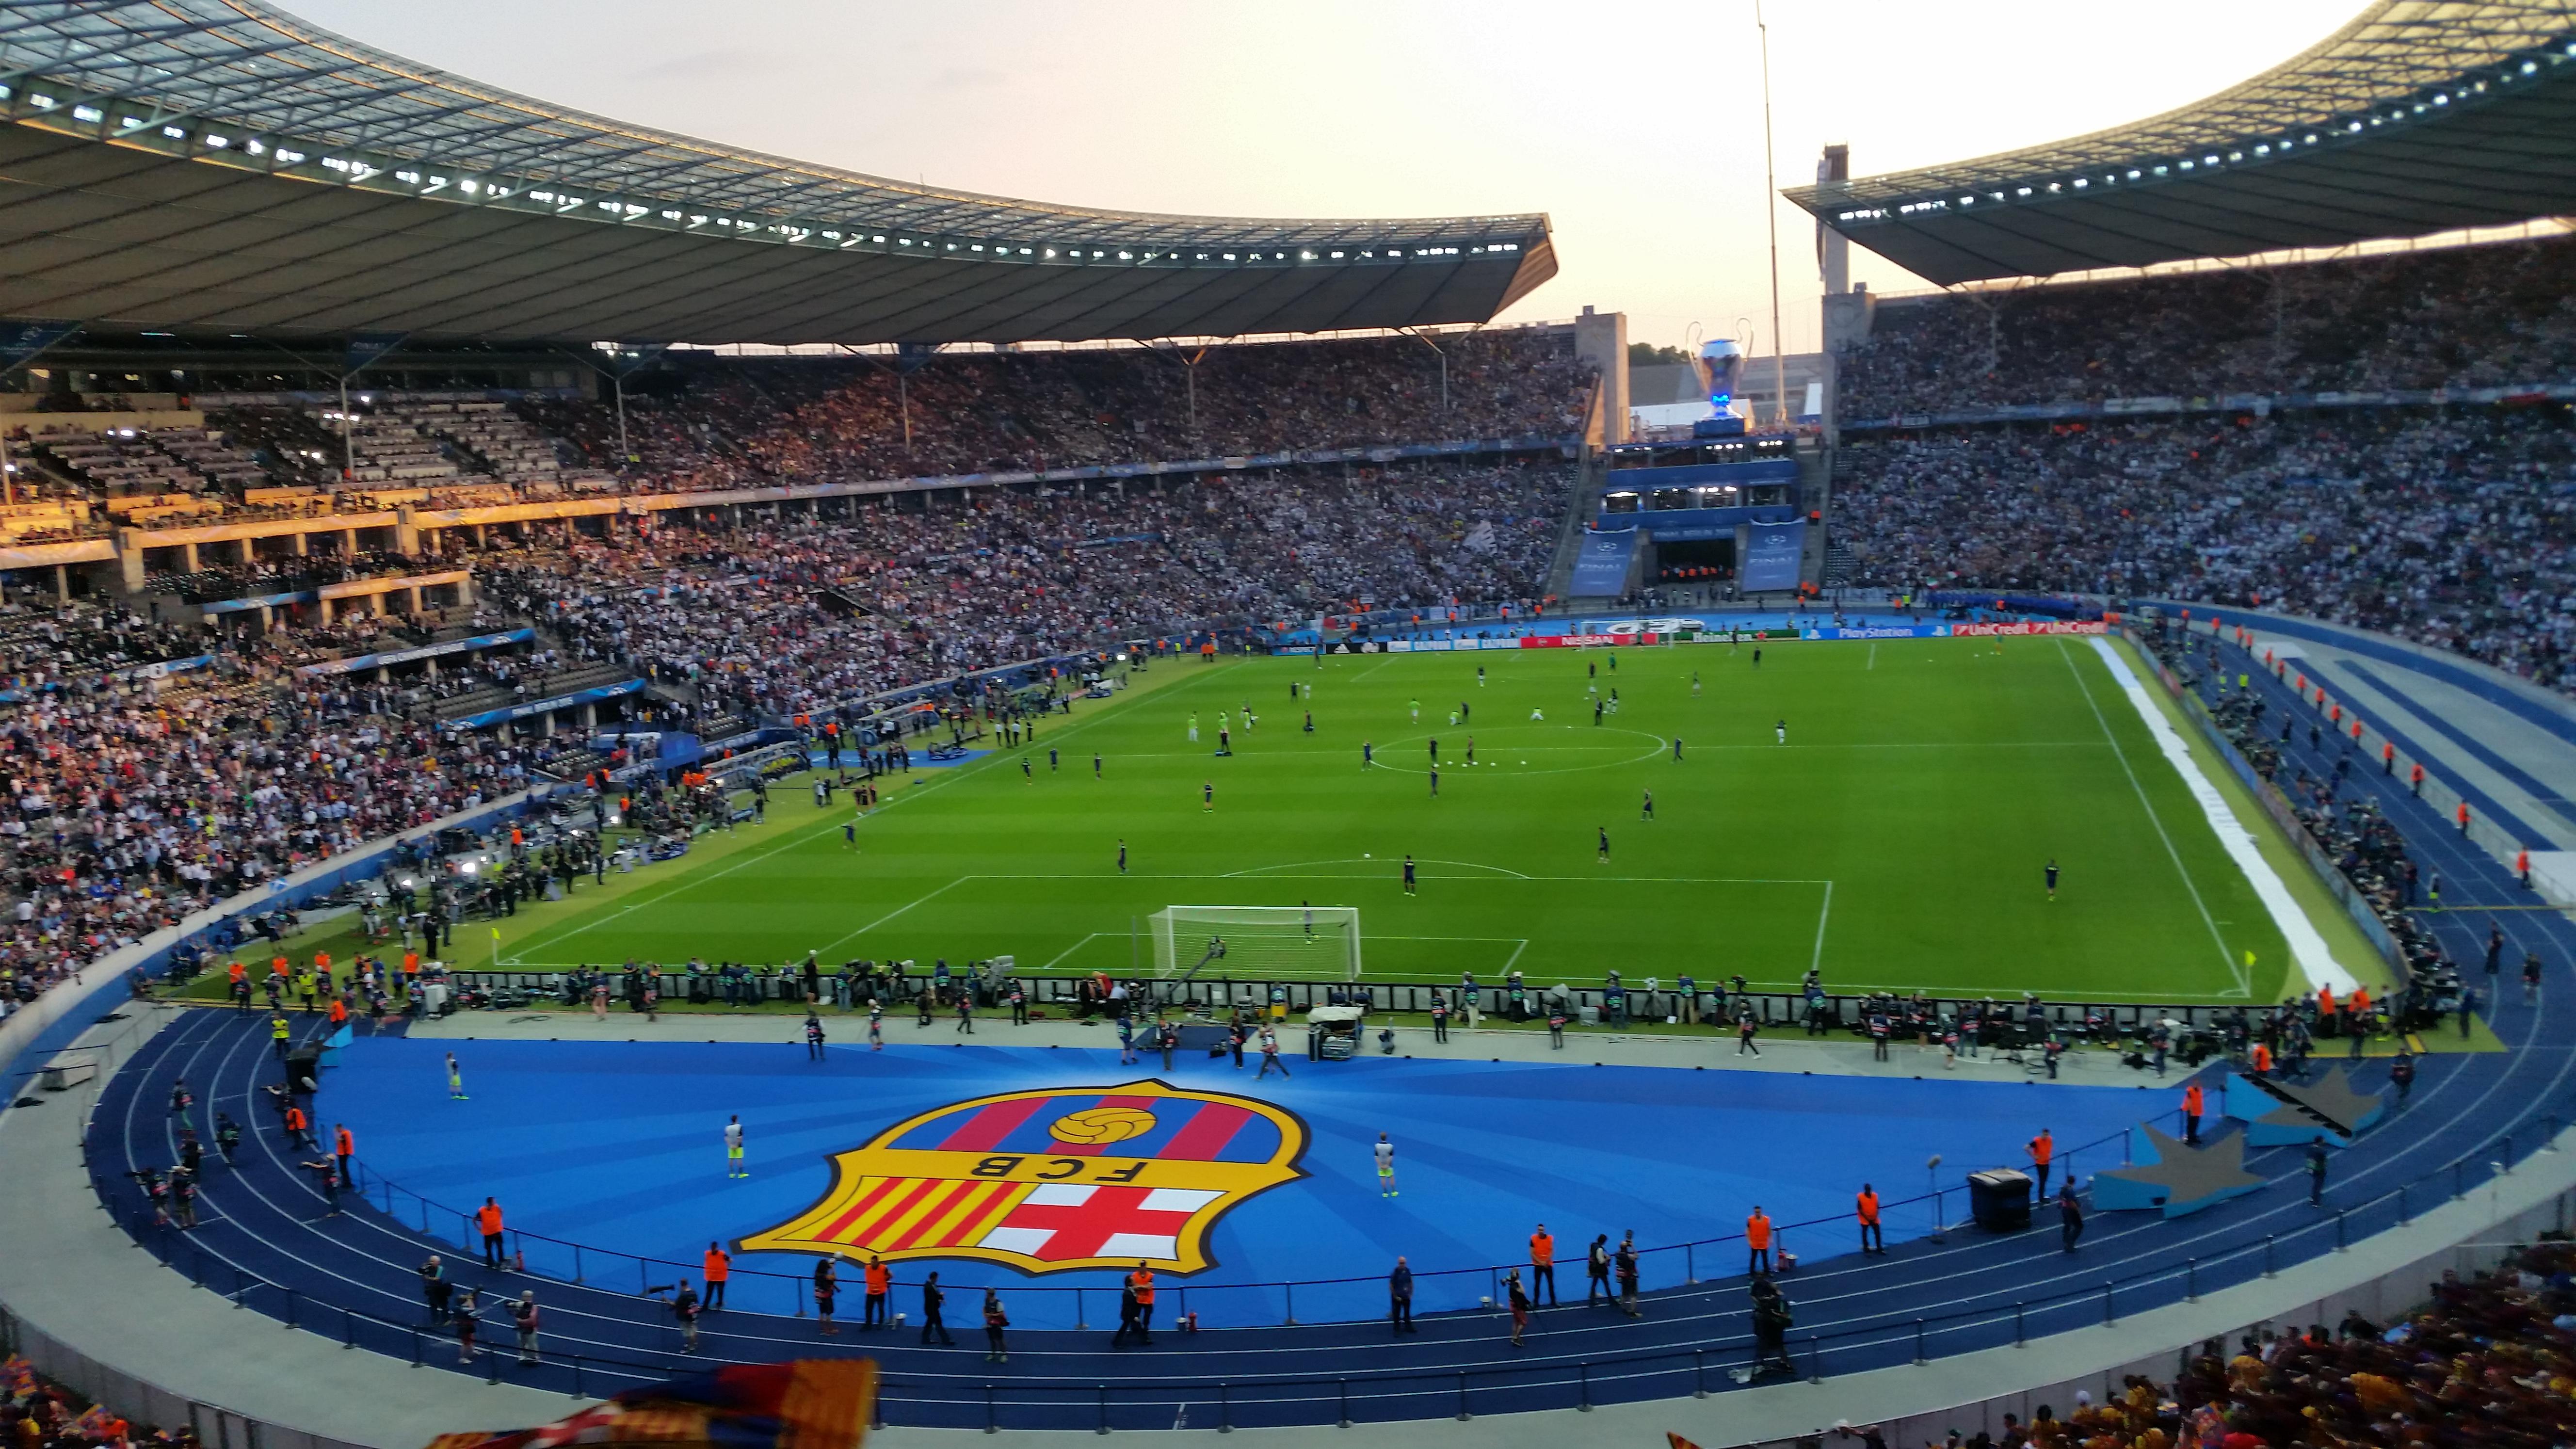 Champions League Gallery: Penya Blaugrana London